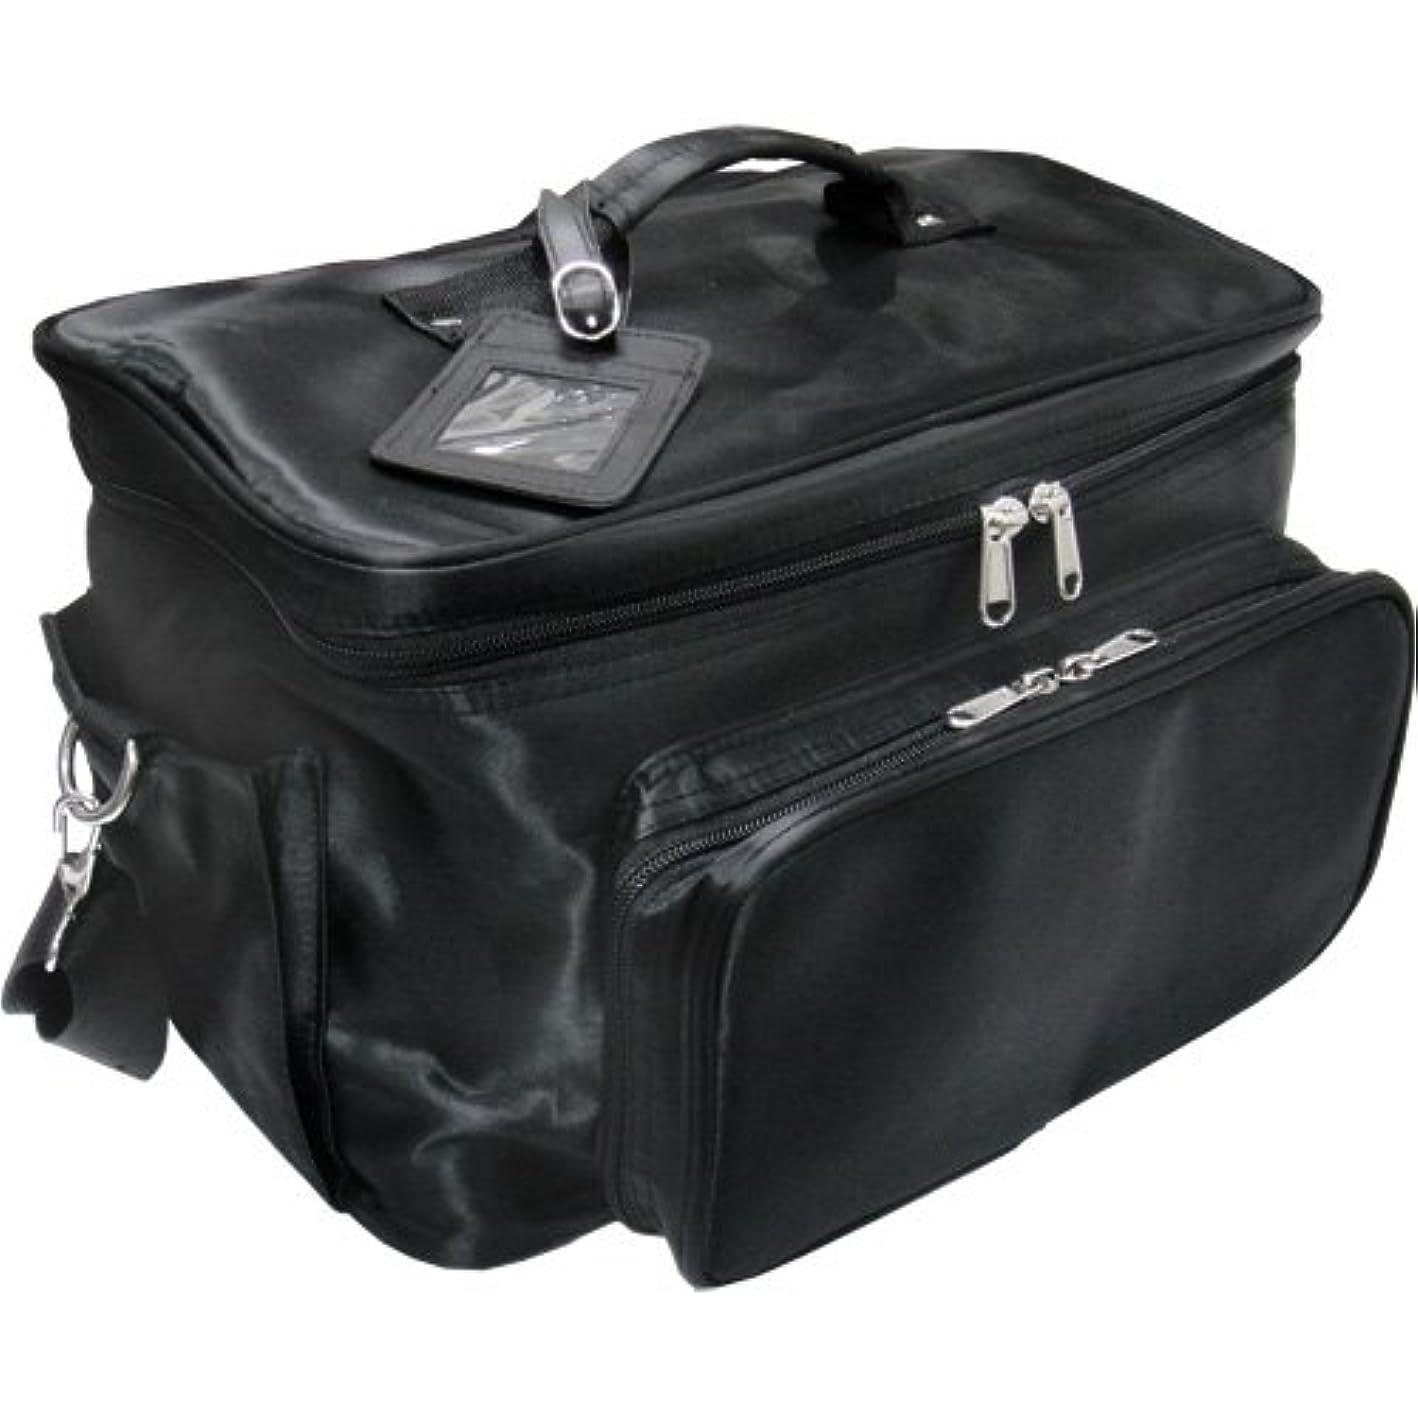 フォーカス届けるマイク軽量バニティーバック ブラック コスメバッグ、ネイルバッグ、ネイリストバッグ、ナイロンコスメボックス